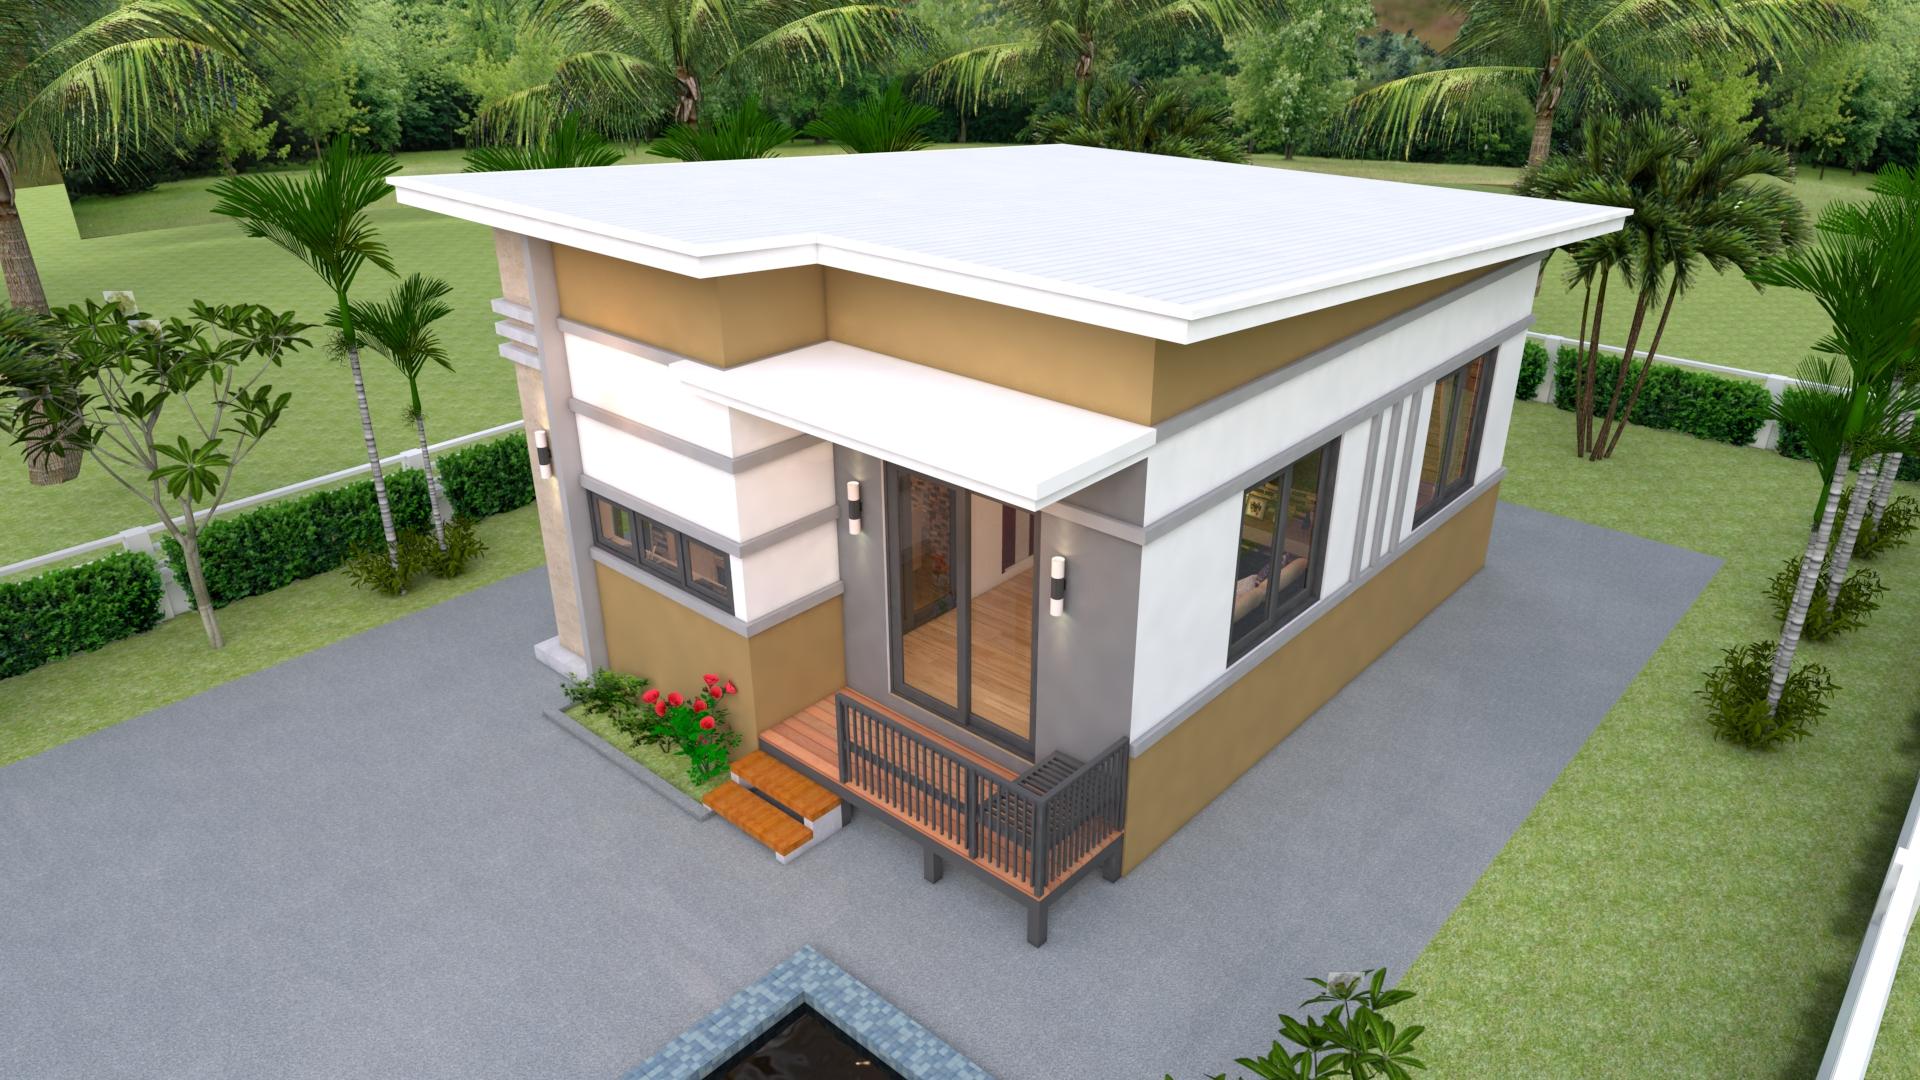 Small Modular Homes 6x8 Meter 20x26 Feet 2 Beds 1